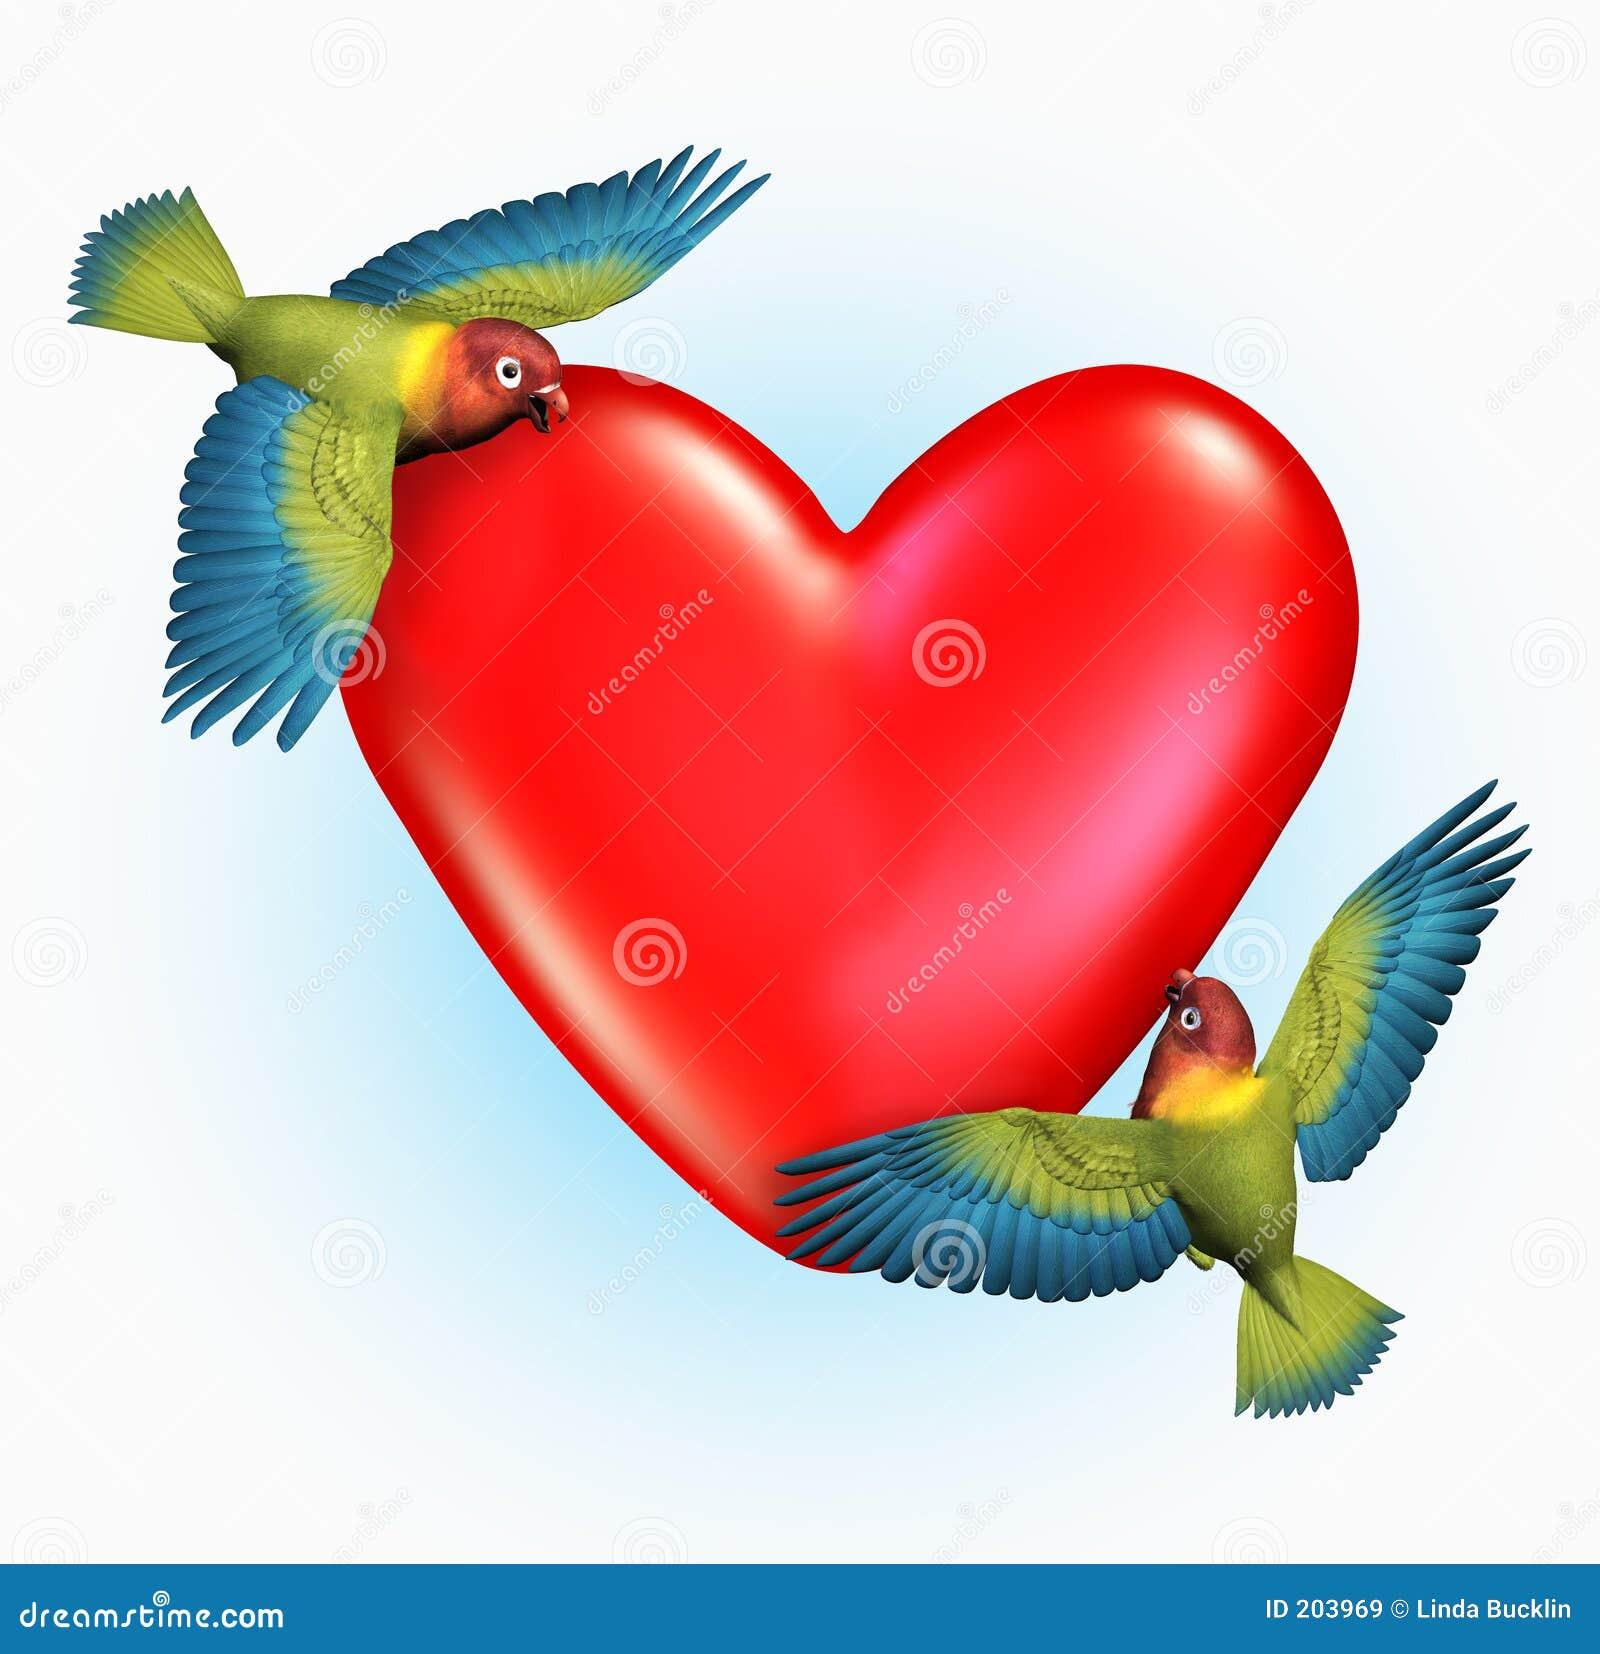 3D render of two Lovebirds flying near a heart.